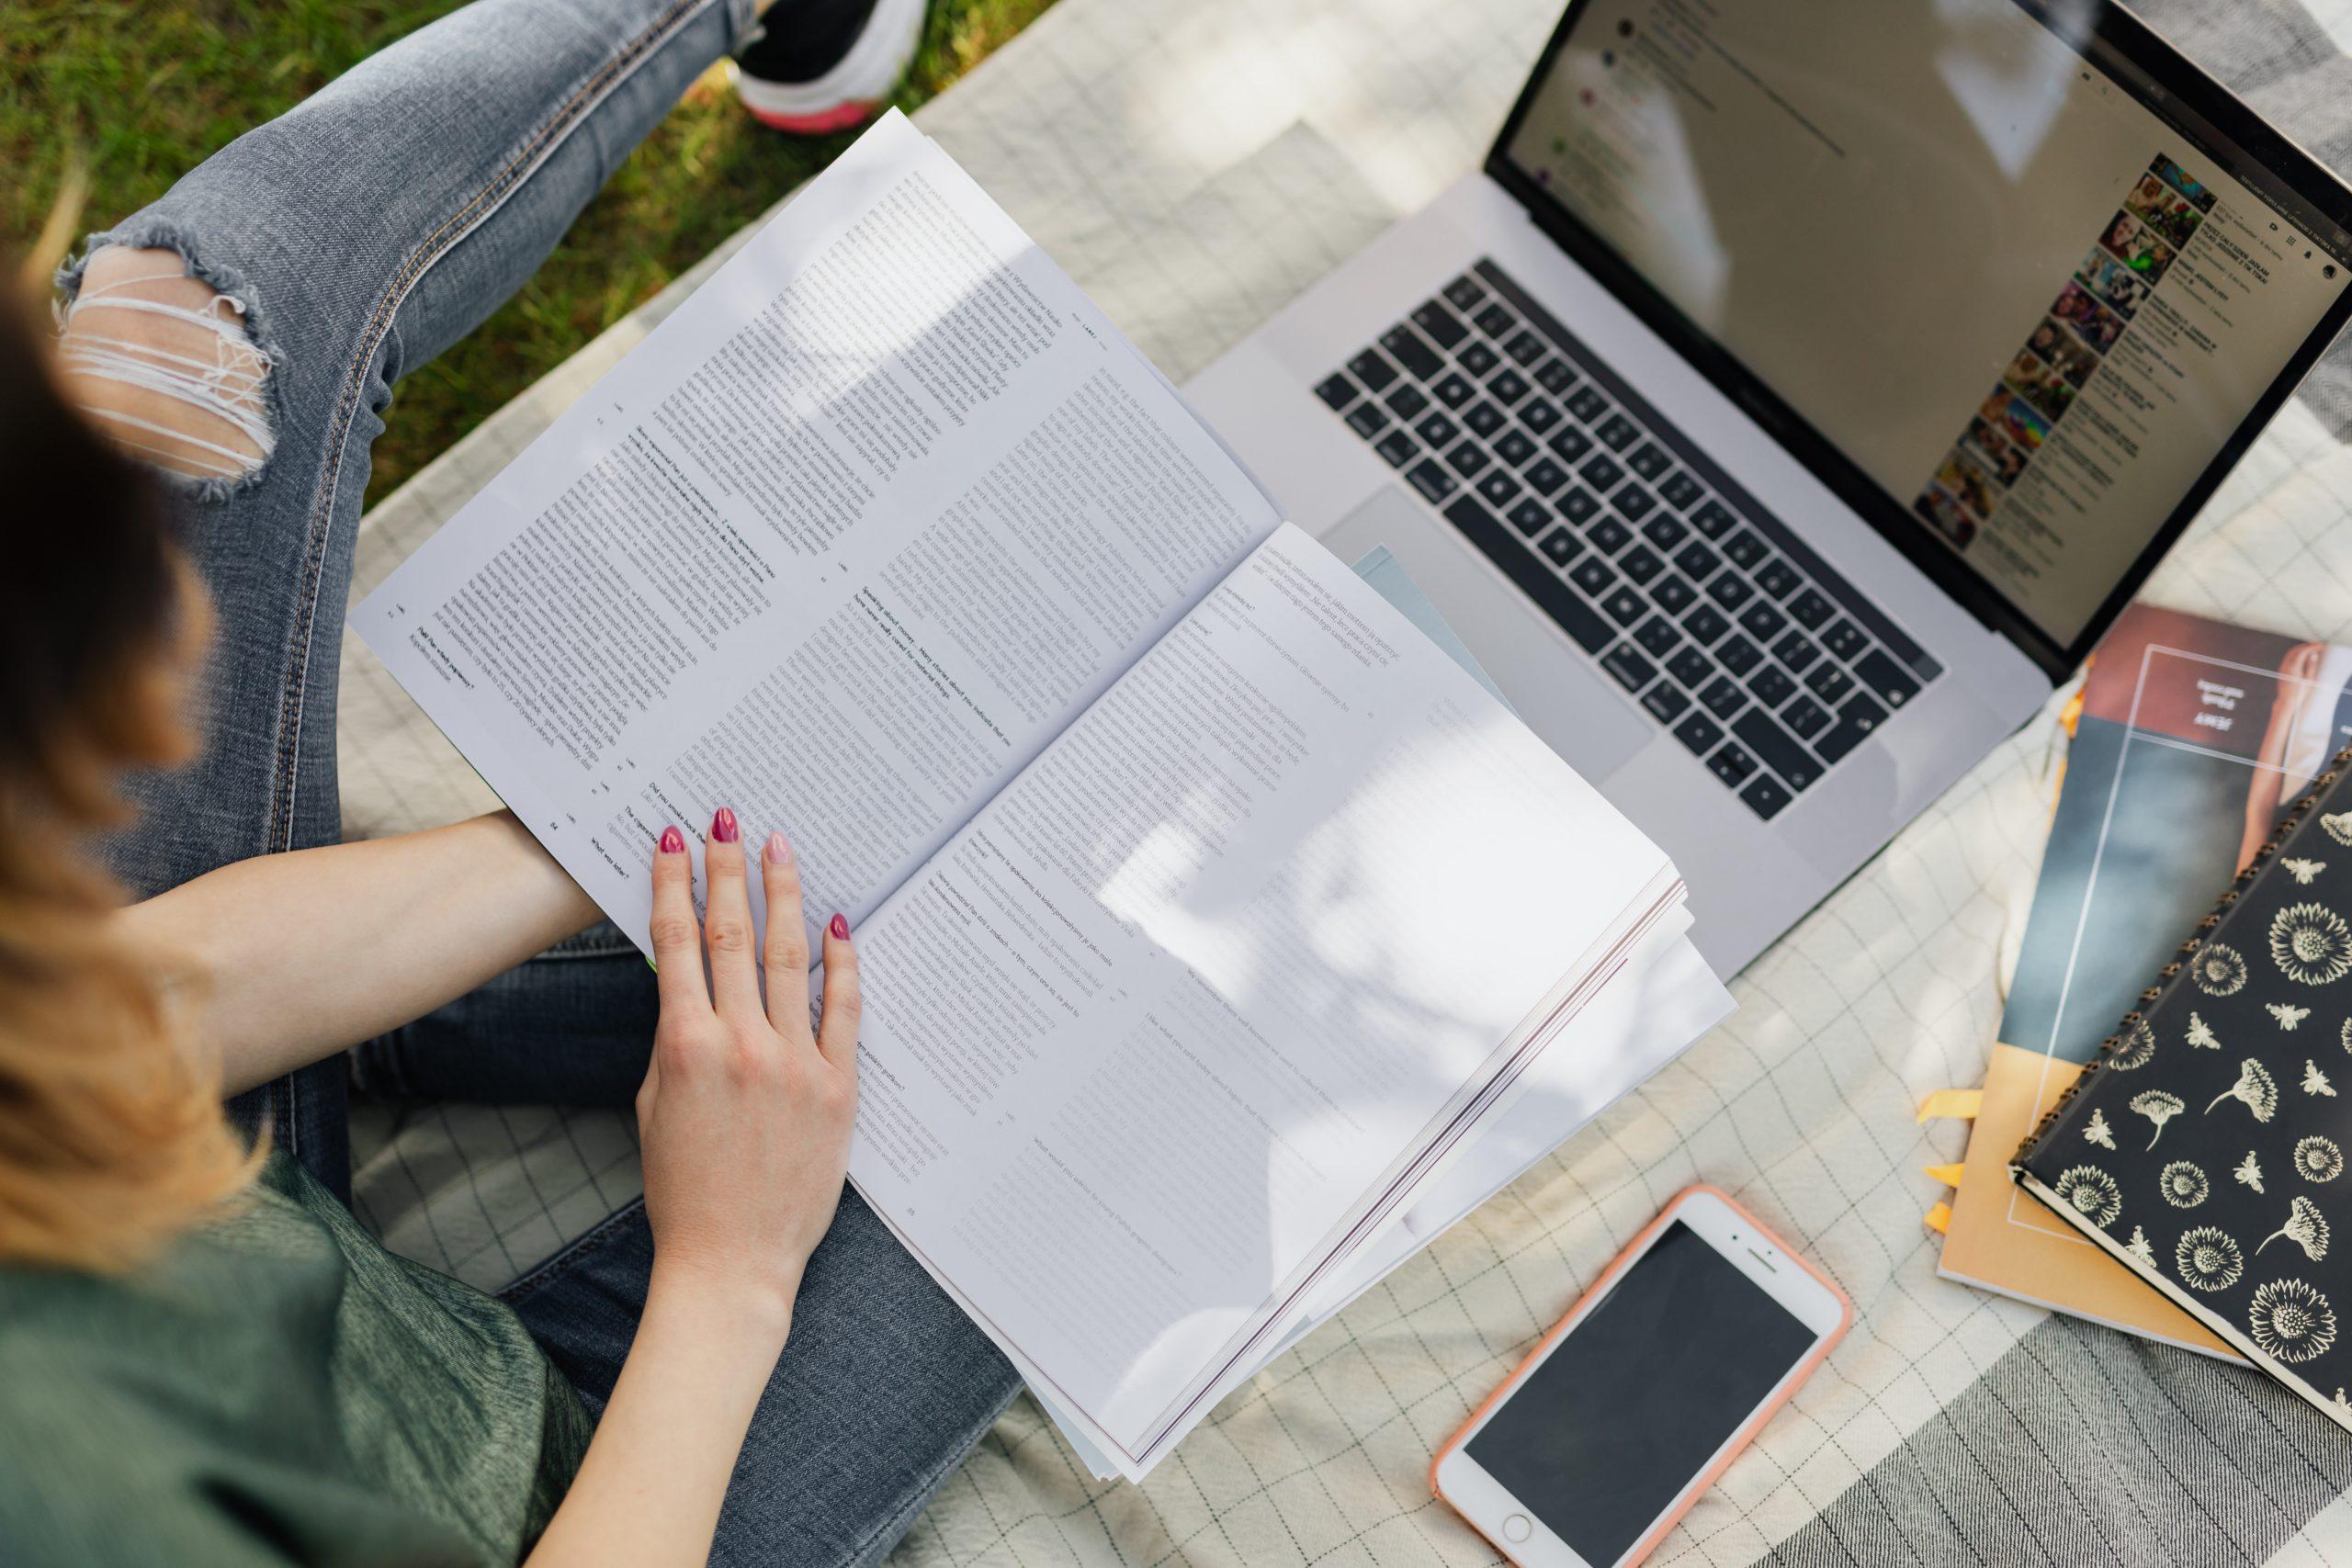 gezonde studiegewoonten